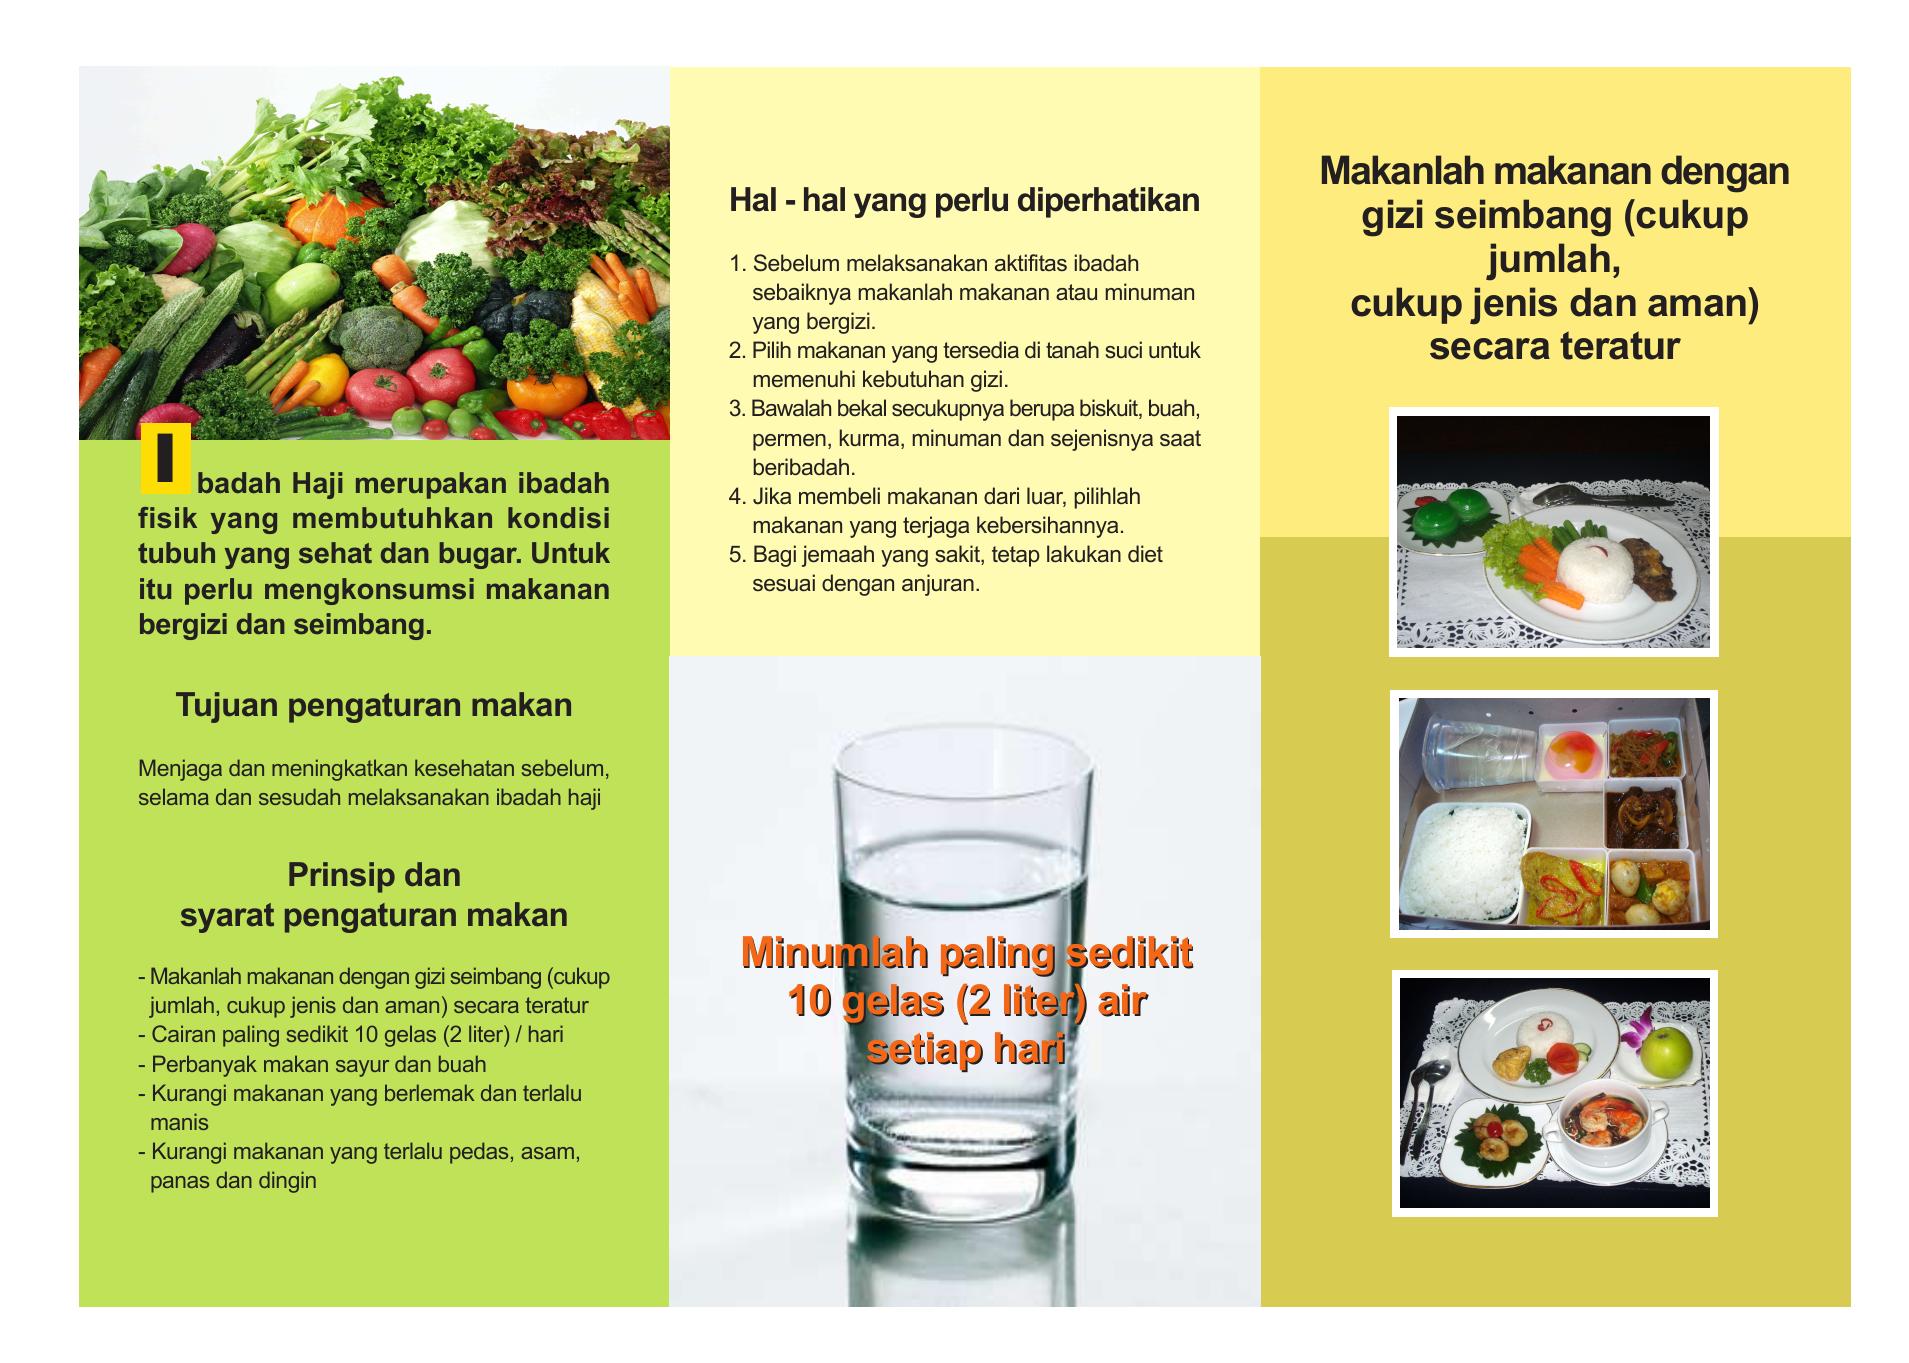 Brosur Tips Dan Makanan Sehat Haji